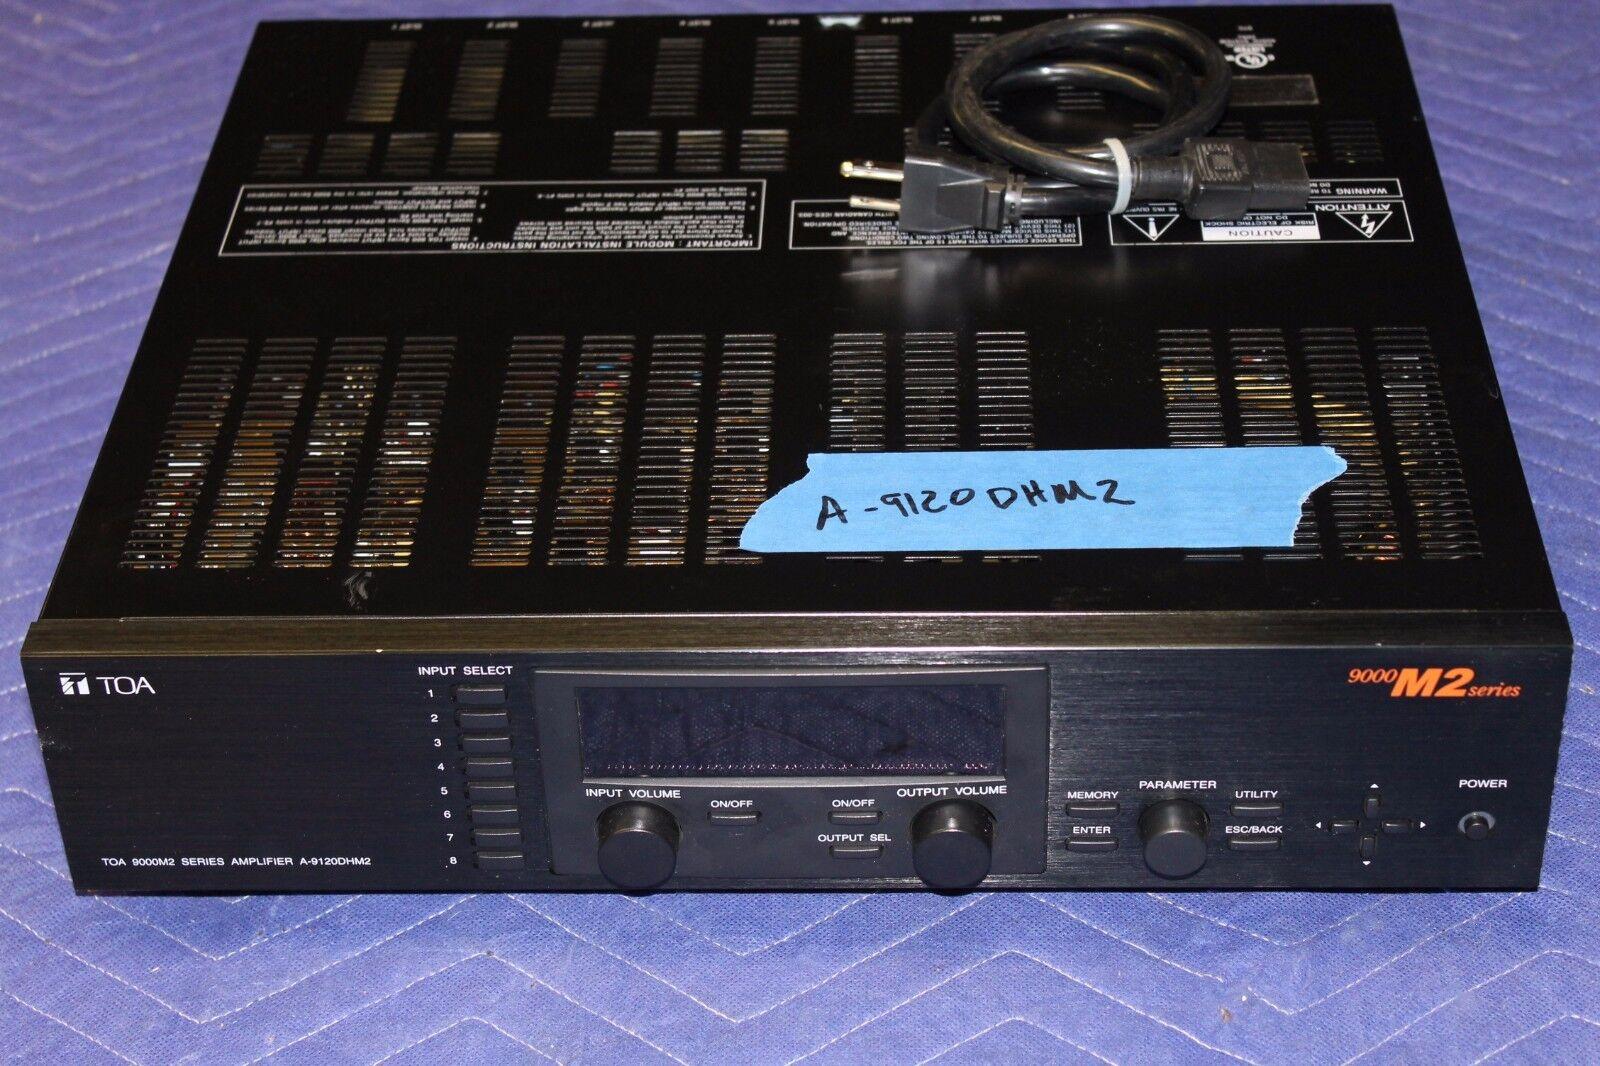 Toa a-9120dhm2 Mezclador De Audio Amplificador Amplificador Amplificador 120w X 2 Canales eb3421